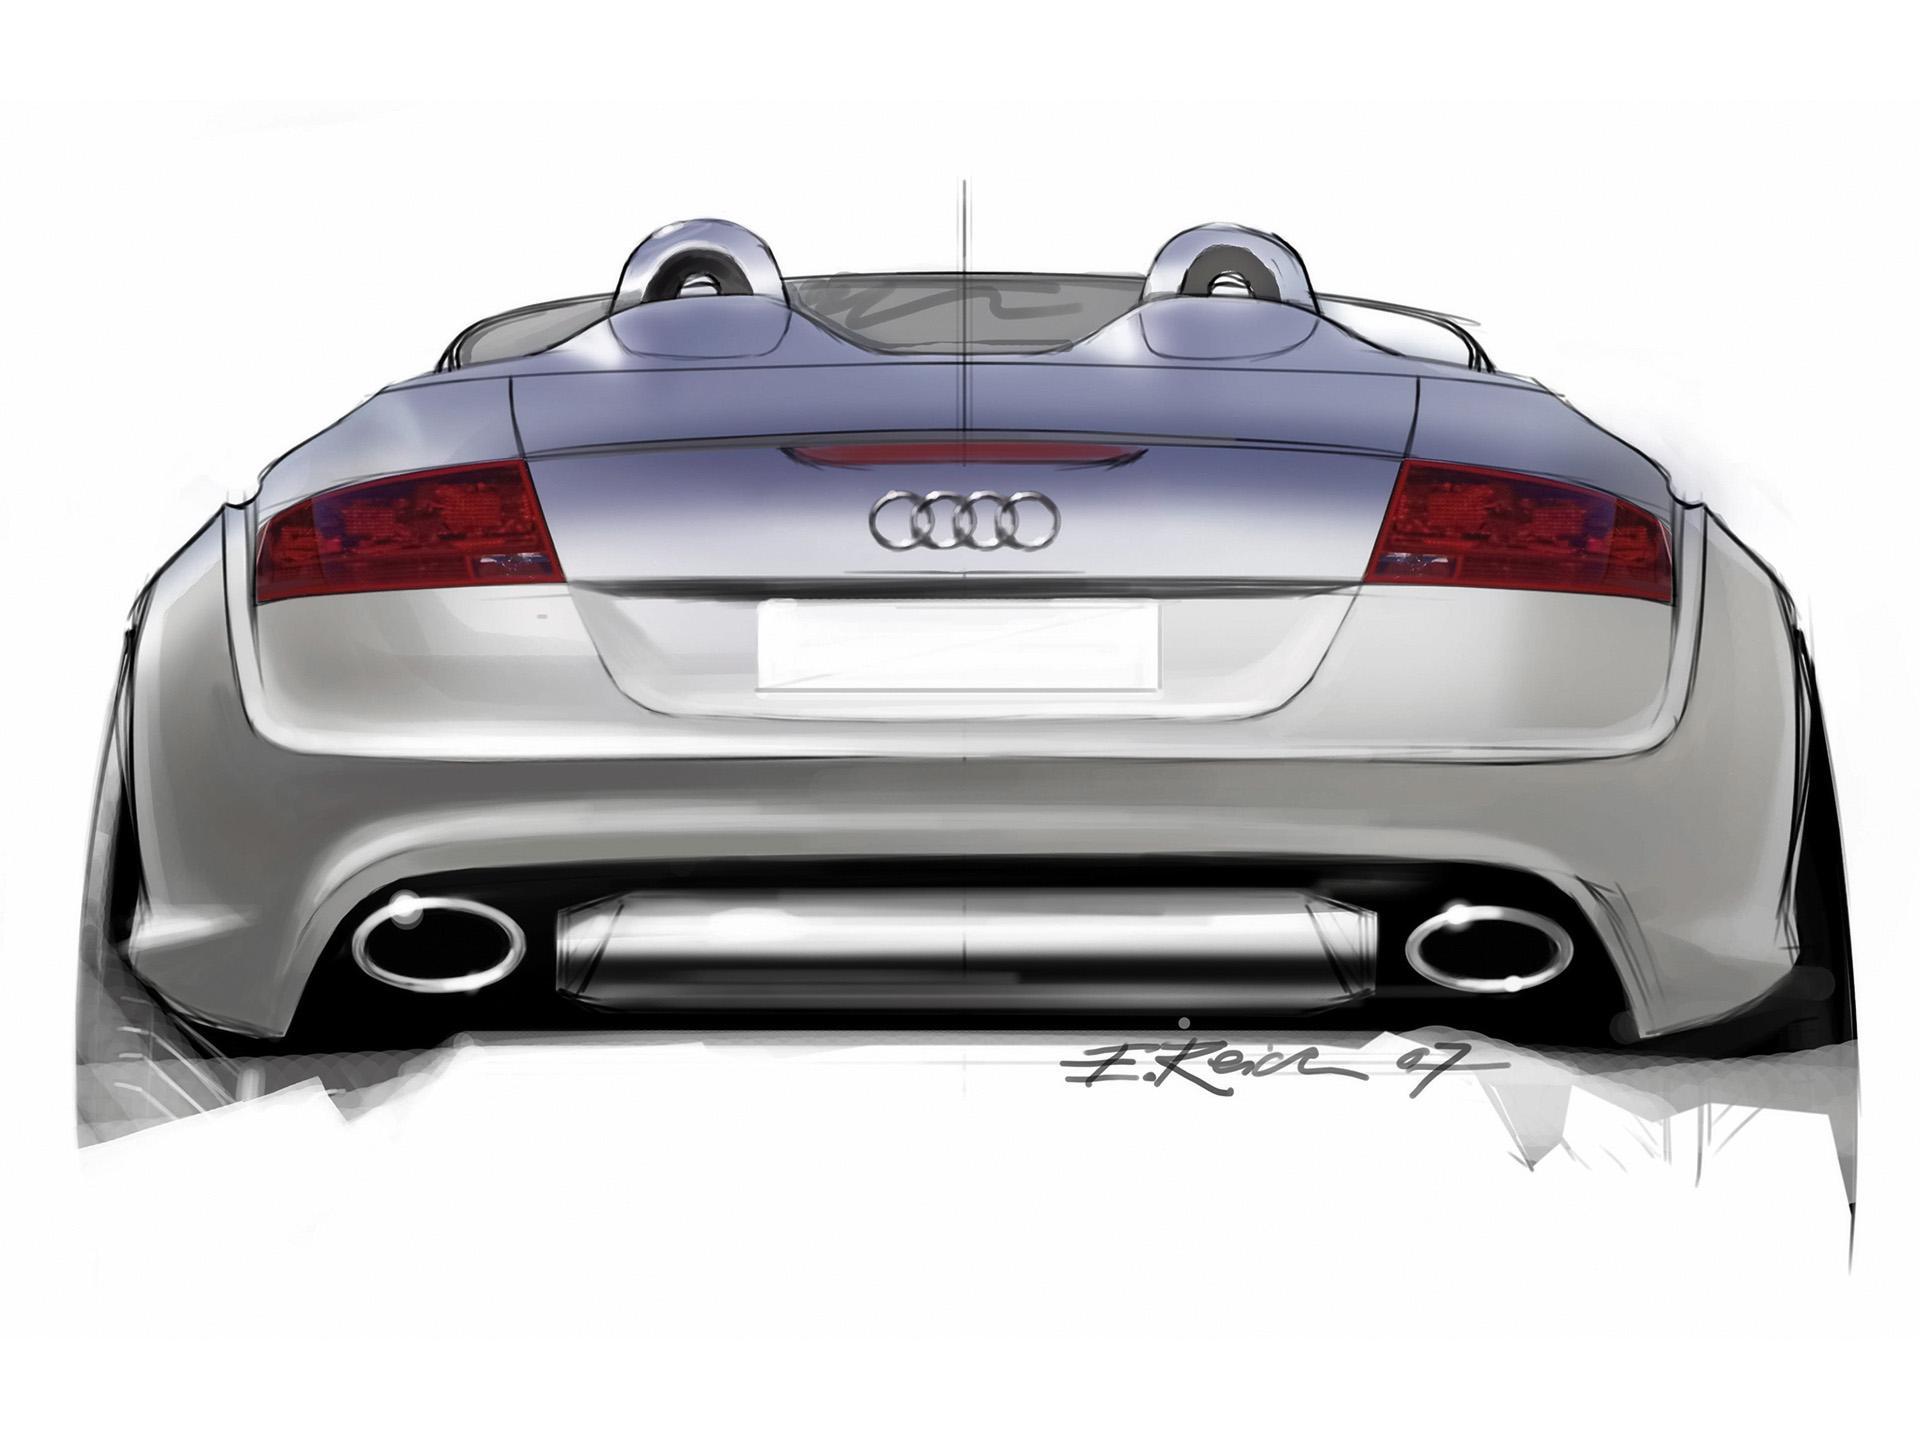 Скачать Audi, TT, авто, машины, автомобили, фото, обои, картинка